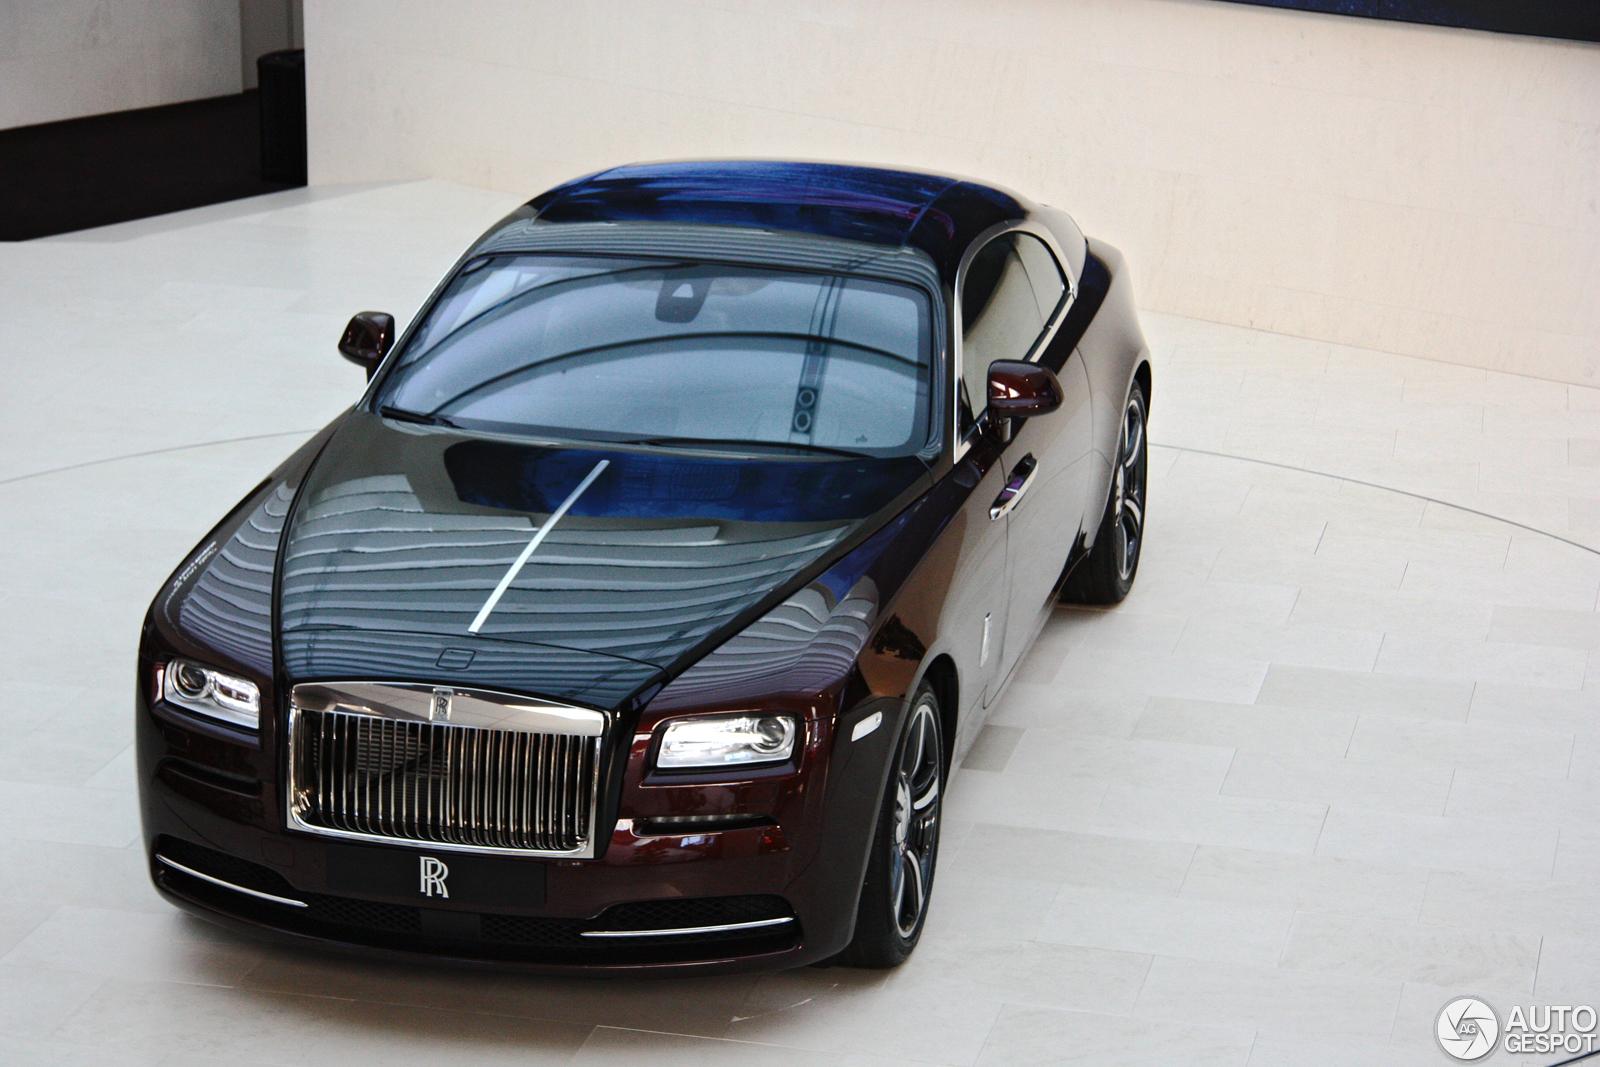 Rolls Royce Wraith 0 60 >> BMW shows beautiful Rolls-Royce Wraith at BMW-Welt